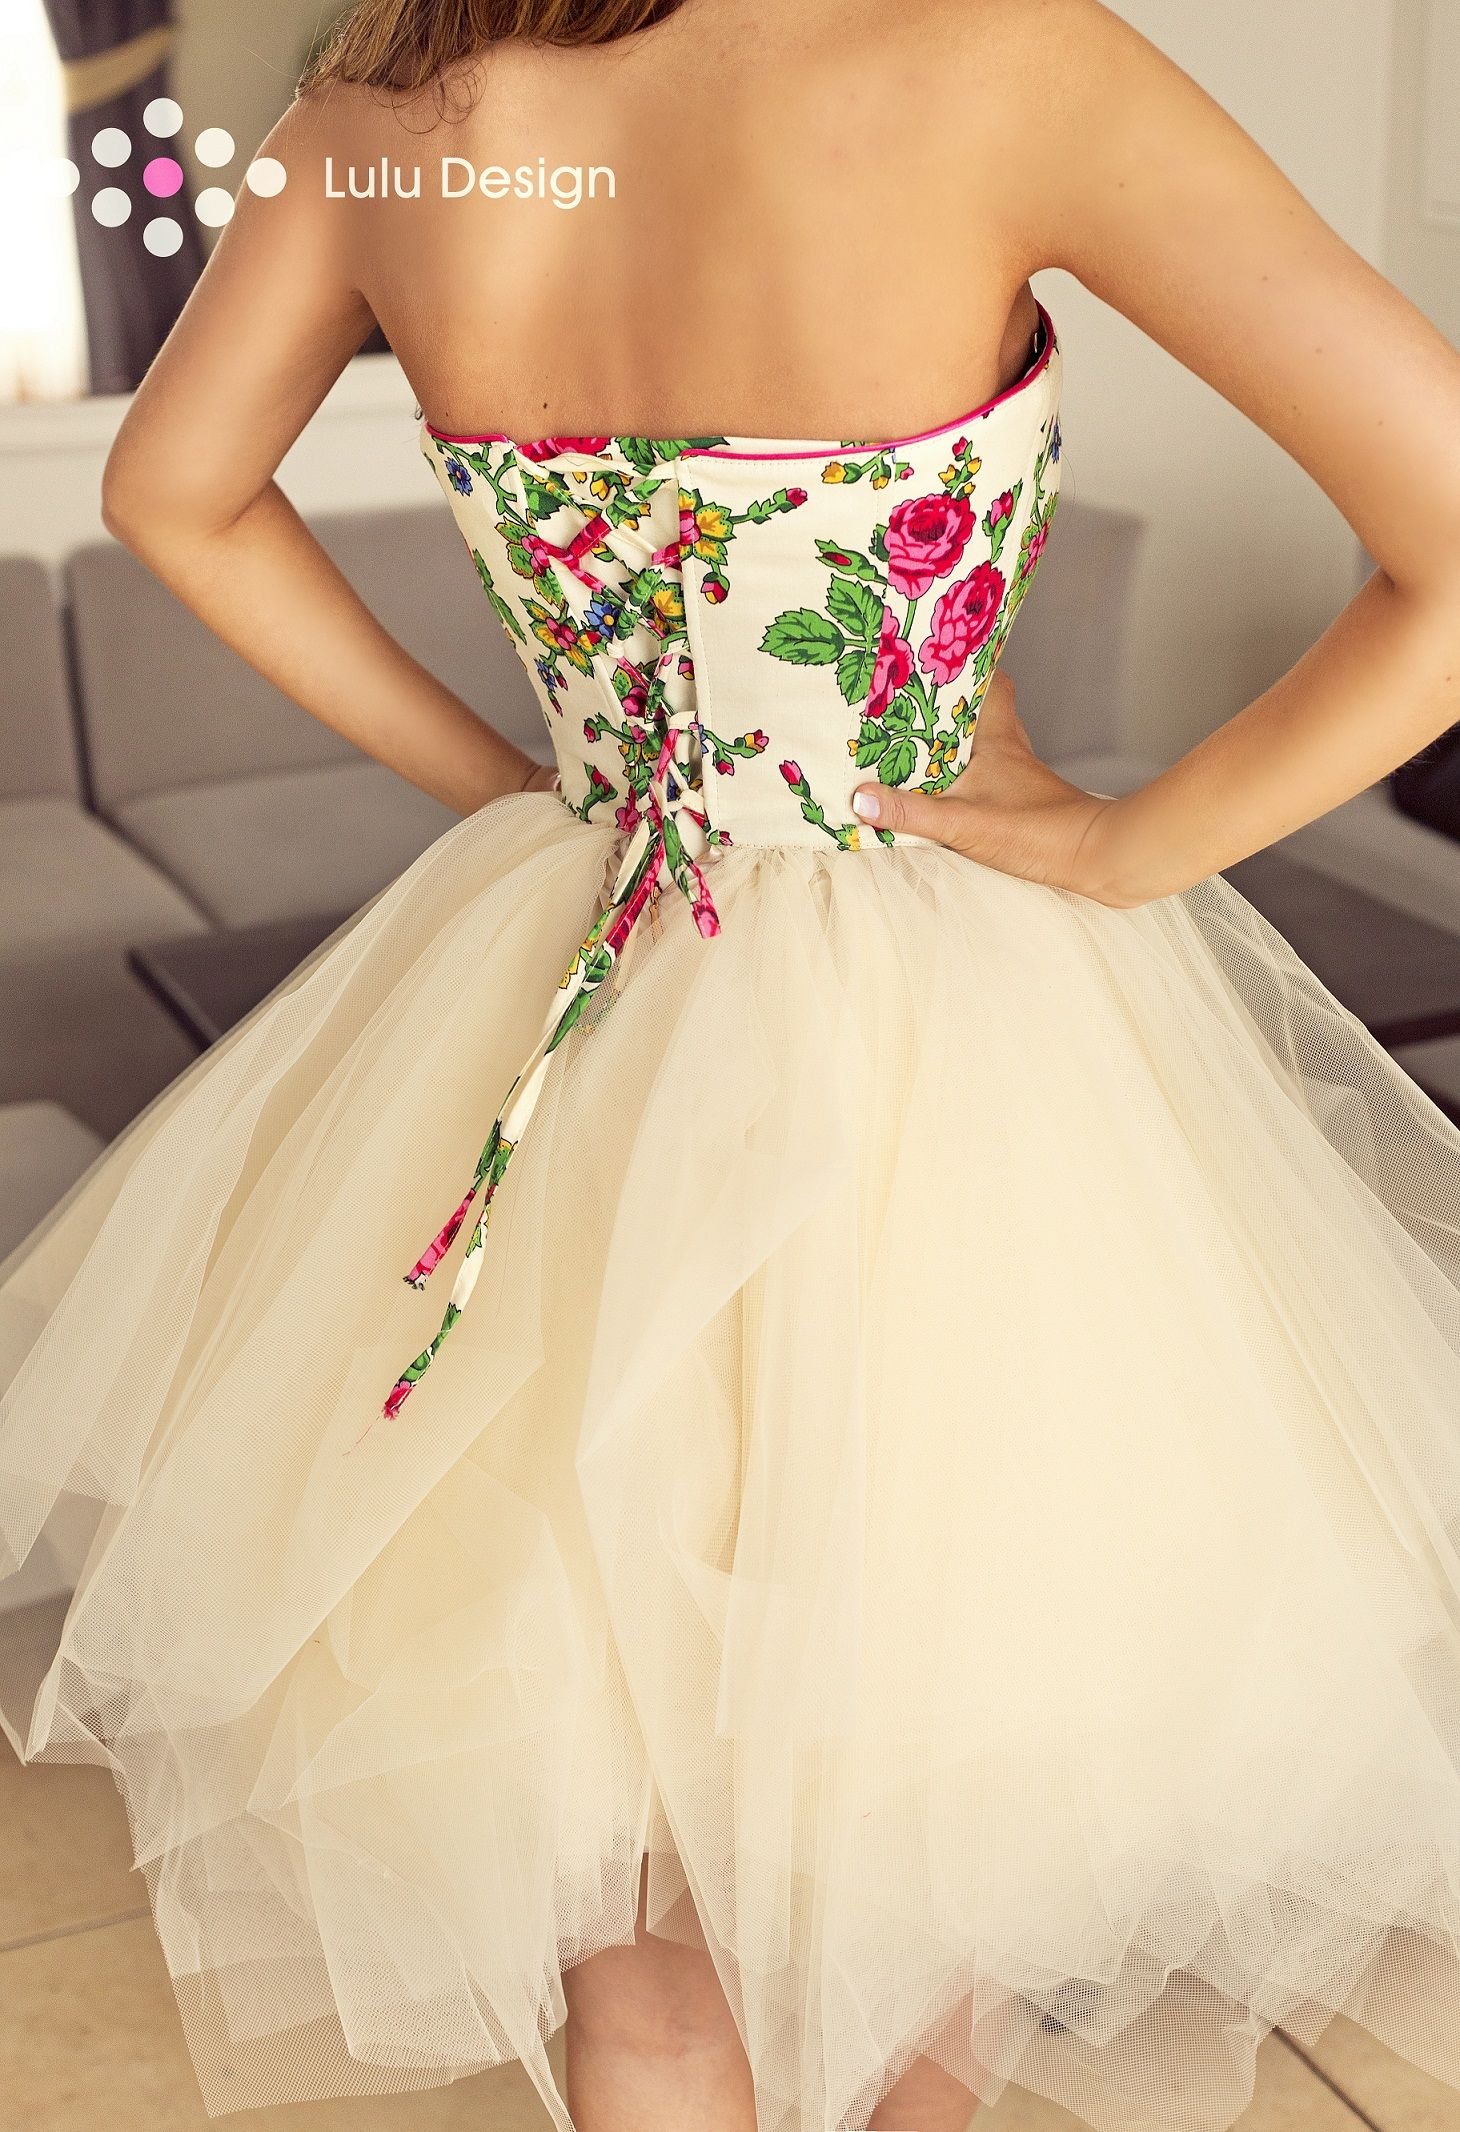 Sukienka Z Puszystym Dolem I Kwiatowym Gorsetem Szyta Na Miare Lub W Standardowej Rozmiarowce Folk Dress Lu Strapless Dress Formal Dresses Formal Dresses